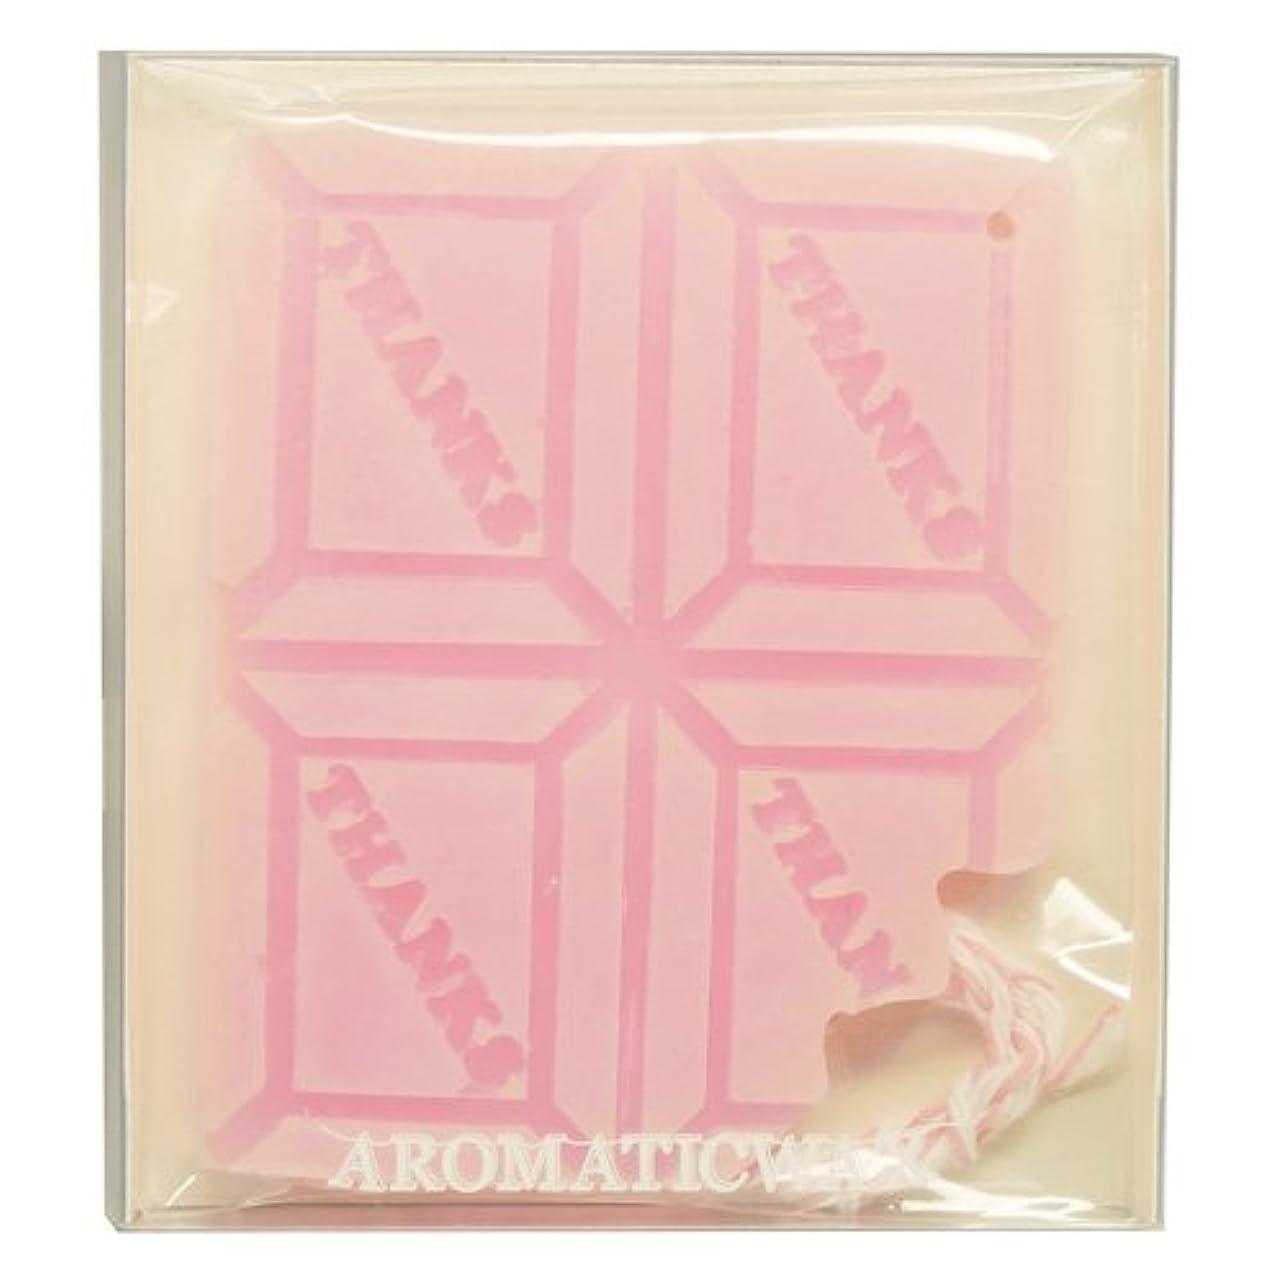 拡張肺炎ウールGRASSE TOKYO AROMATICWAXチャーム「板チョコ(THANKS)」(PI) ゼラニウム アロマティックワックス グラーストウキョウ